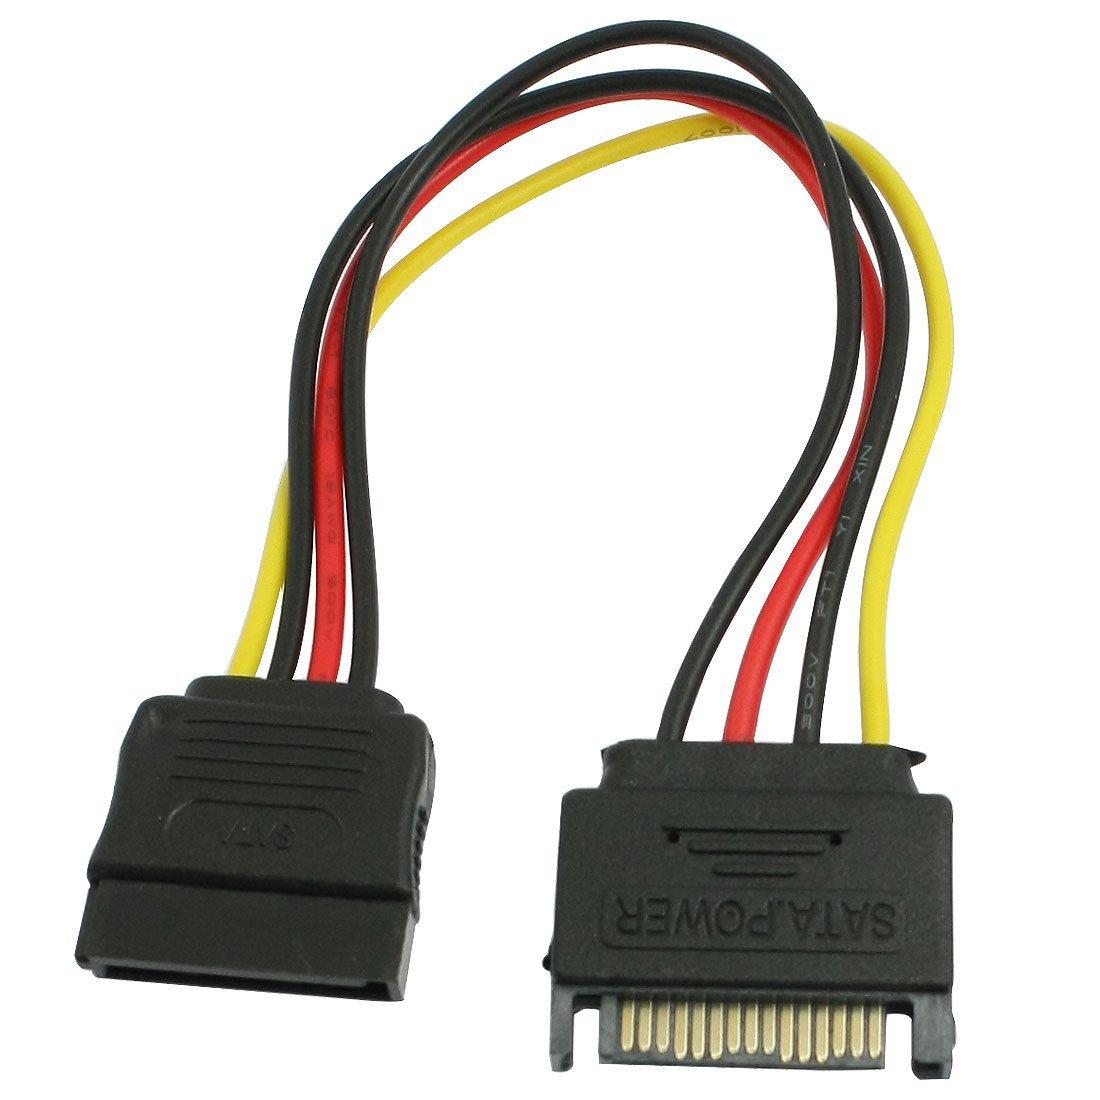 SODIAL(R) PC SATA 15 Pin adaptador de convertidor macho a hembra HDD Cable de alimentacion 039628